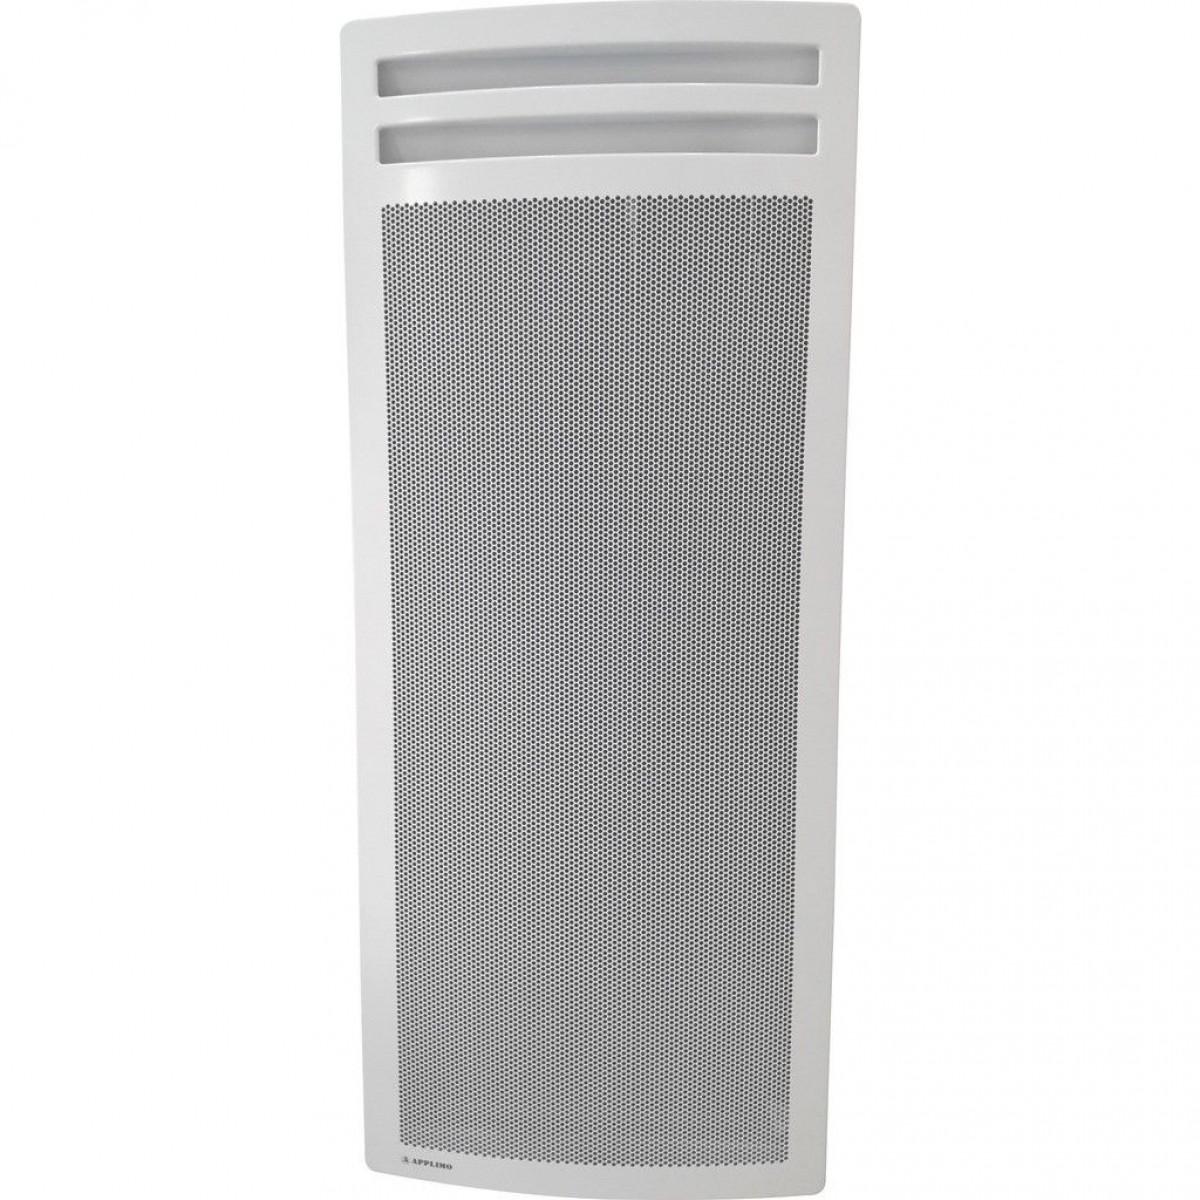 QUARTO CLIC vertical - APPLIMO от Ел отопление